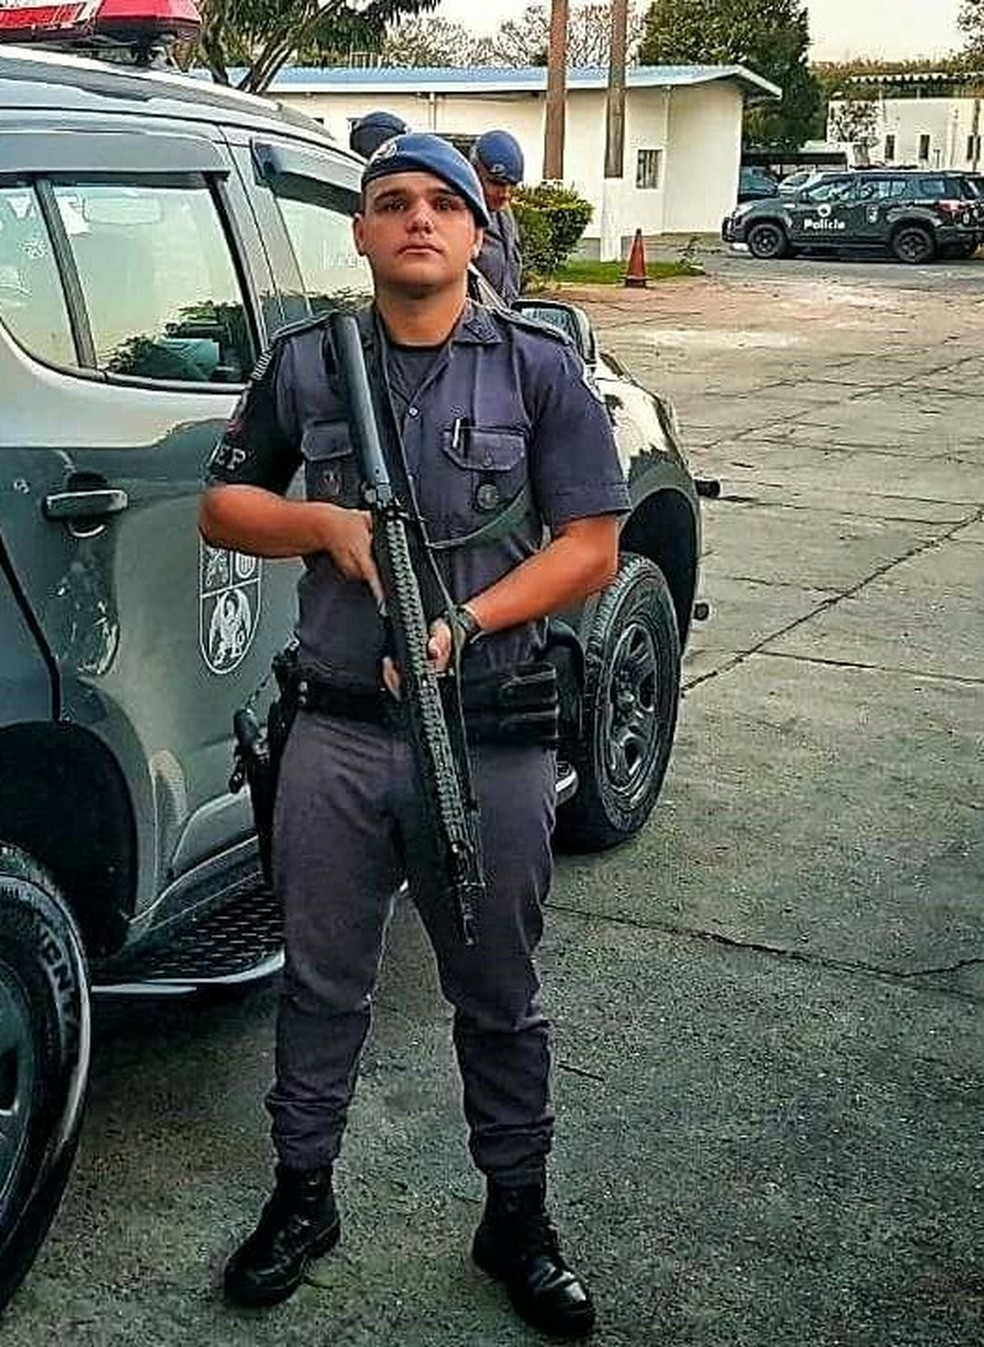 Leonardo César Assunção desapareceu no rio Paraíba durante perseguição (Foto: Divulgação/ Polícia Militar)